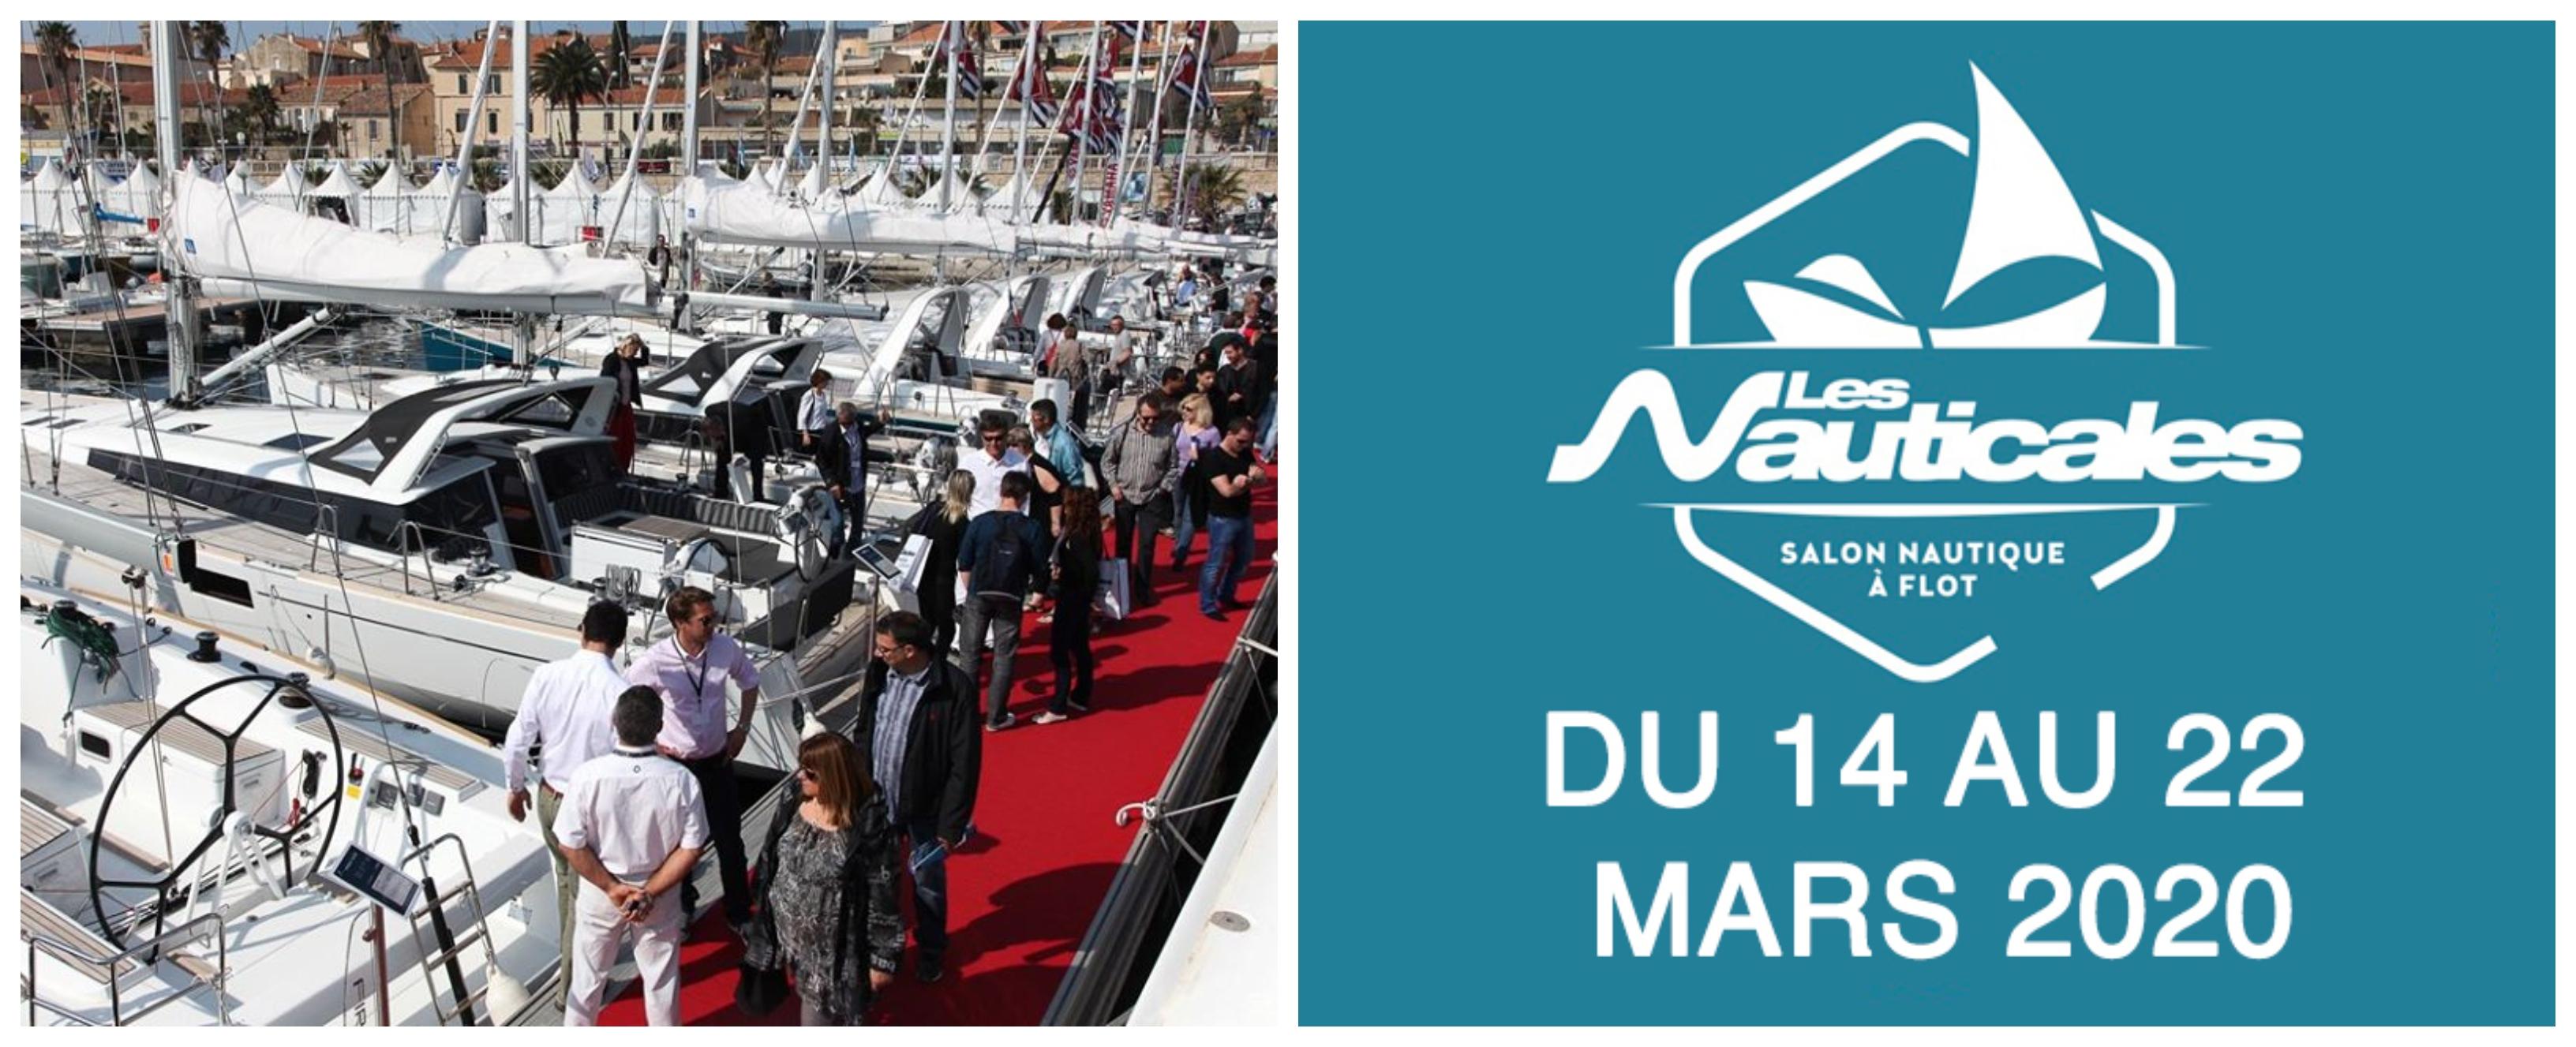 les-nauticales-salon-nautique-1